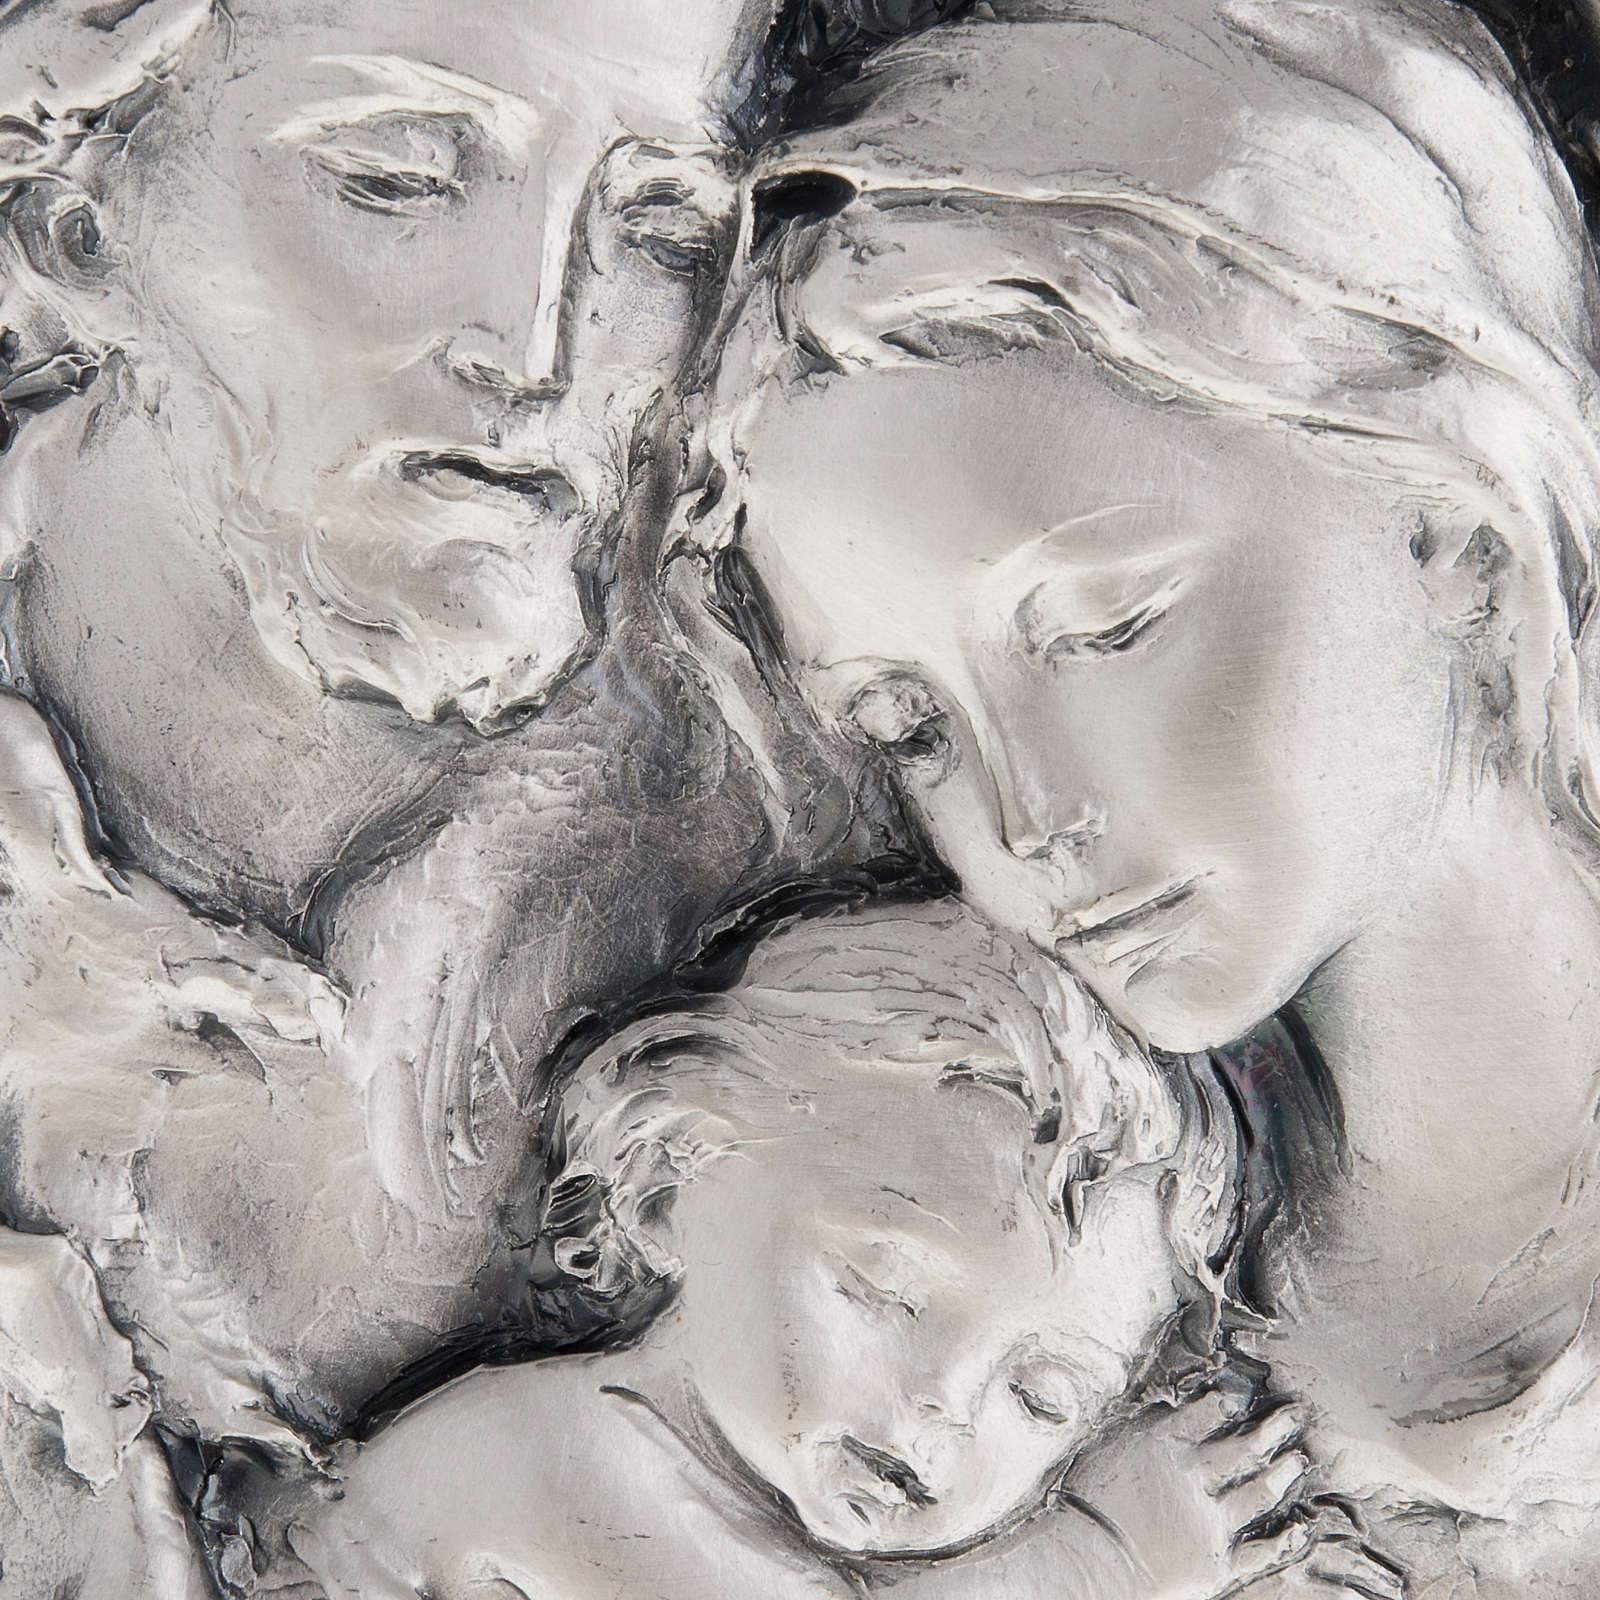 Baixo-relevo Sagrada Família metal prateado 4